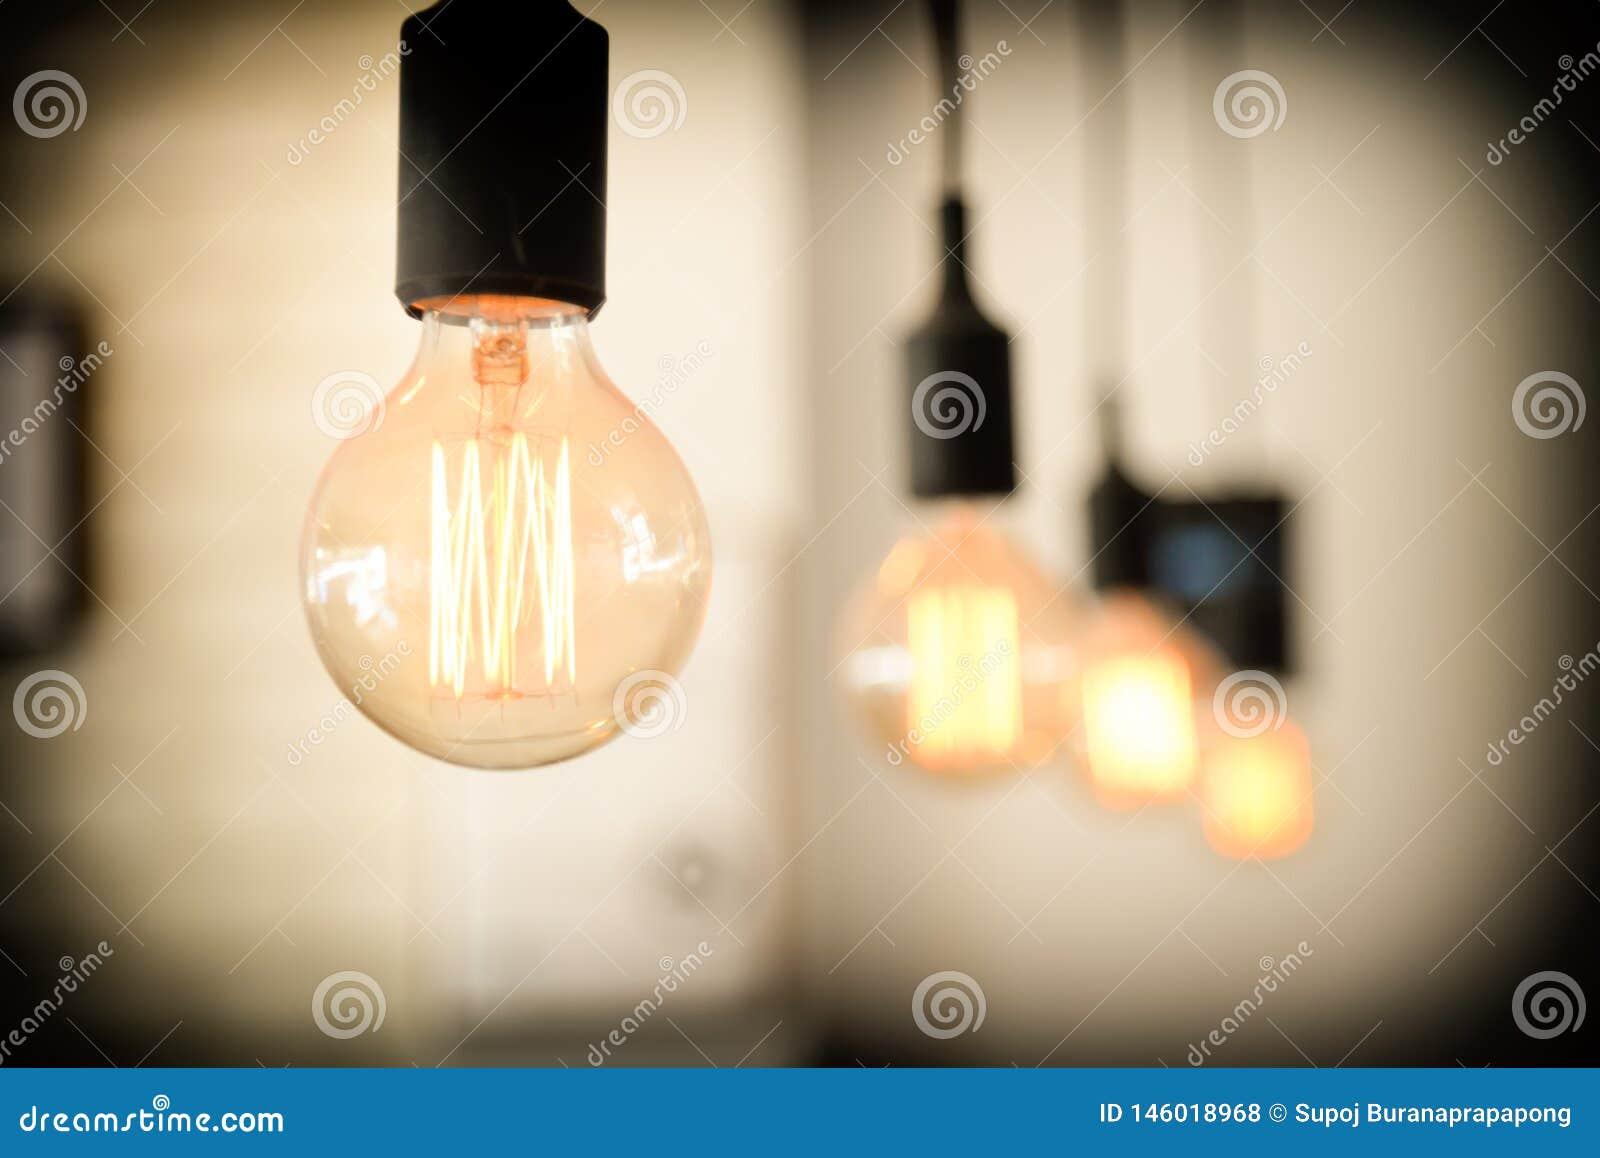 Bombillas contra fondo de la pared el brillar intensamente ligero de lujo retro de la lámpara Bombillas interiores modernas del r